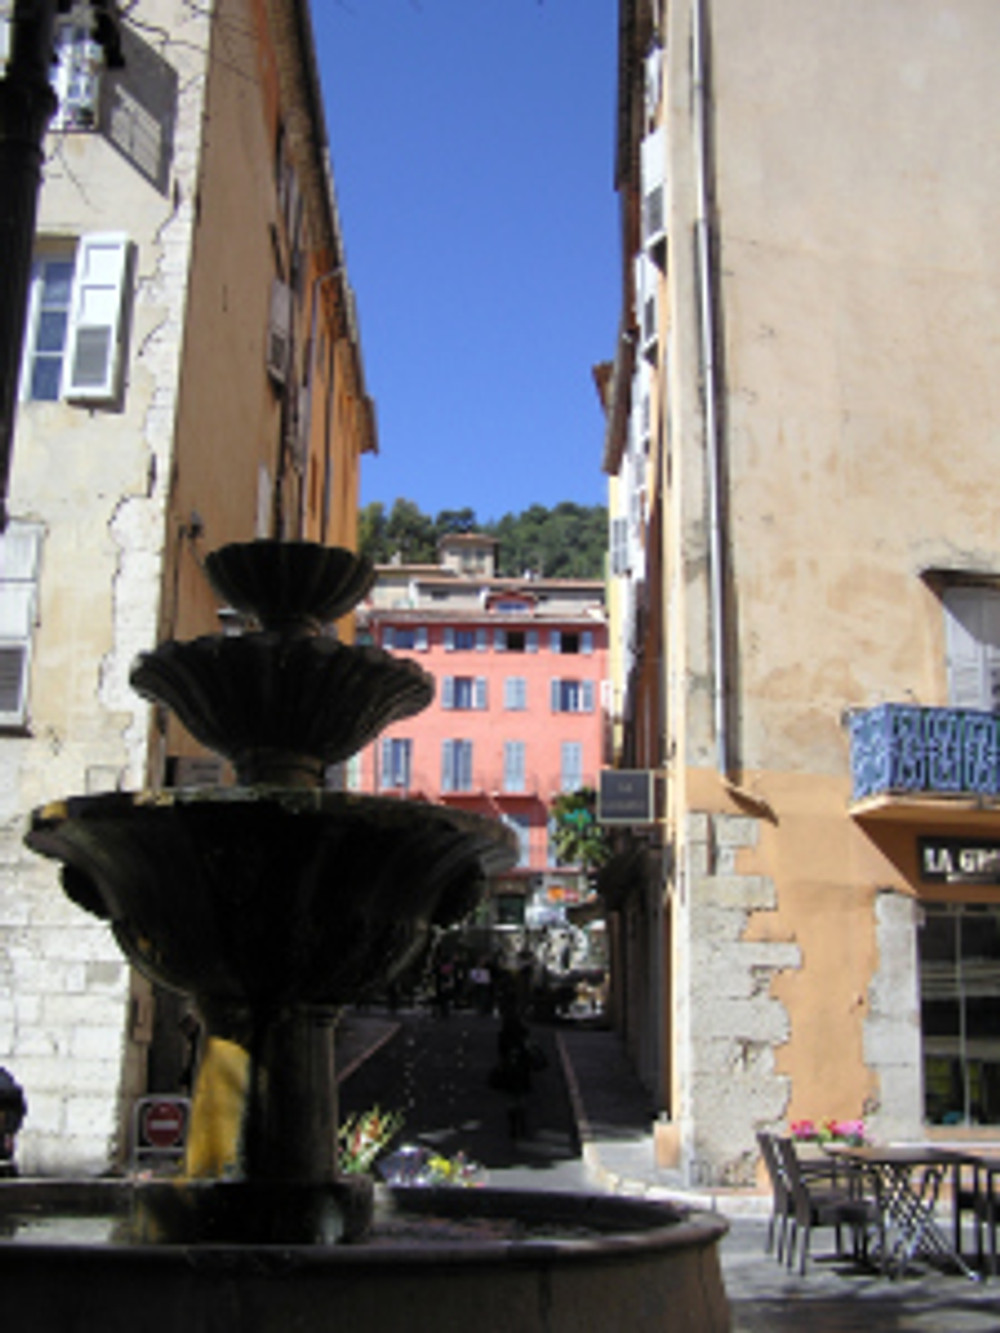 Grasse centre fountain